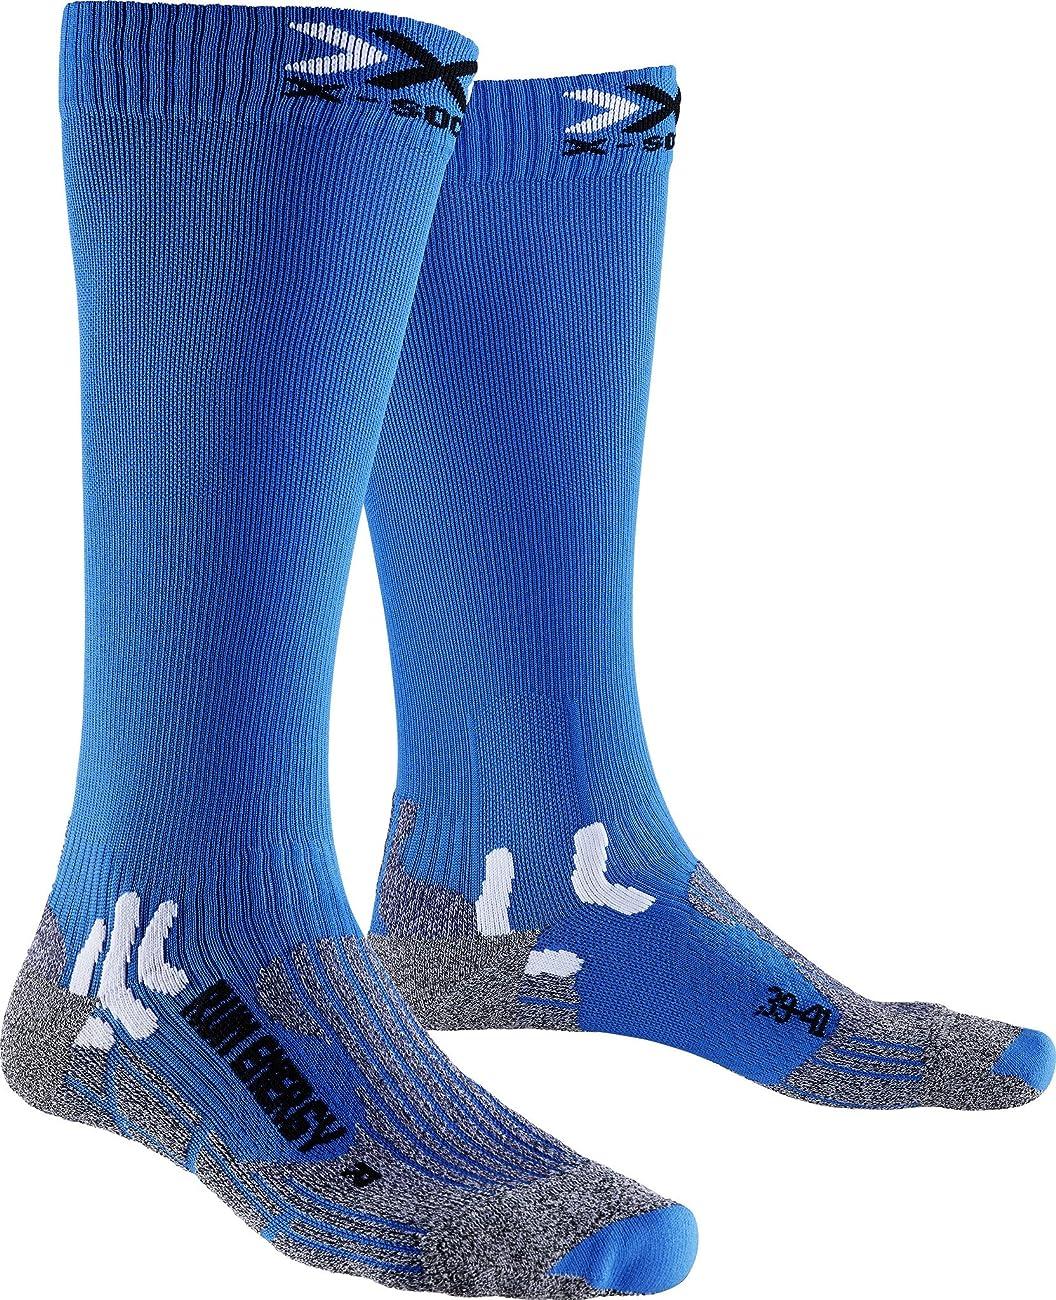 食用反動刺しますメンズとレディース1ペアx-socks実行Energiser圧縮ソックス